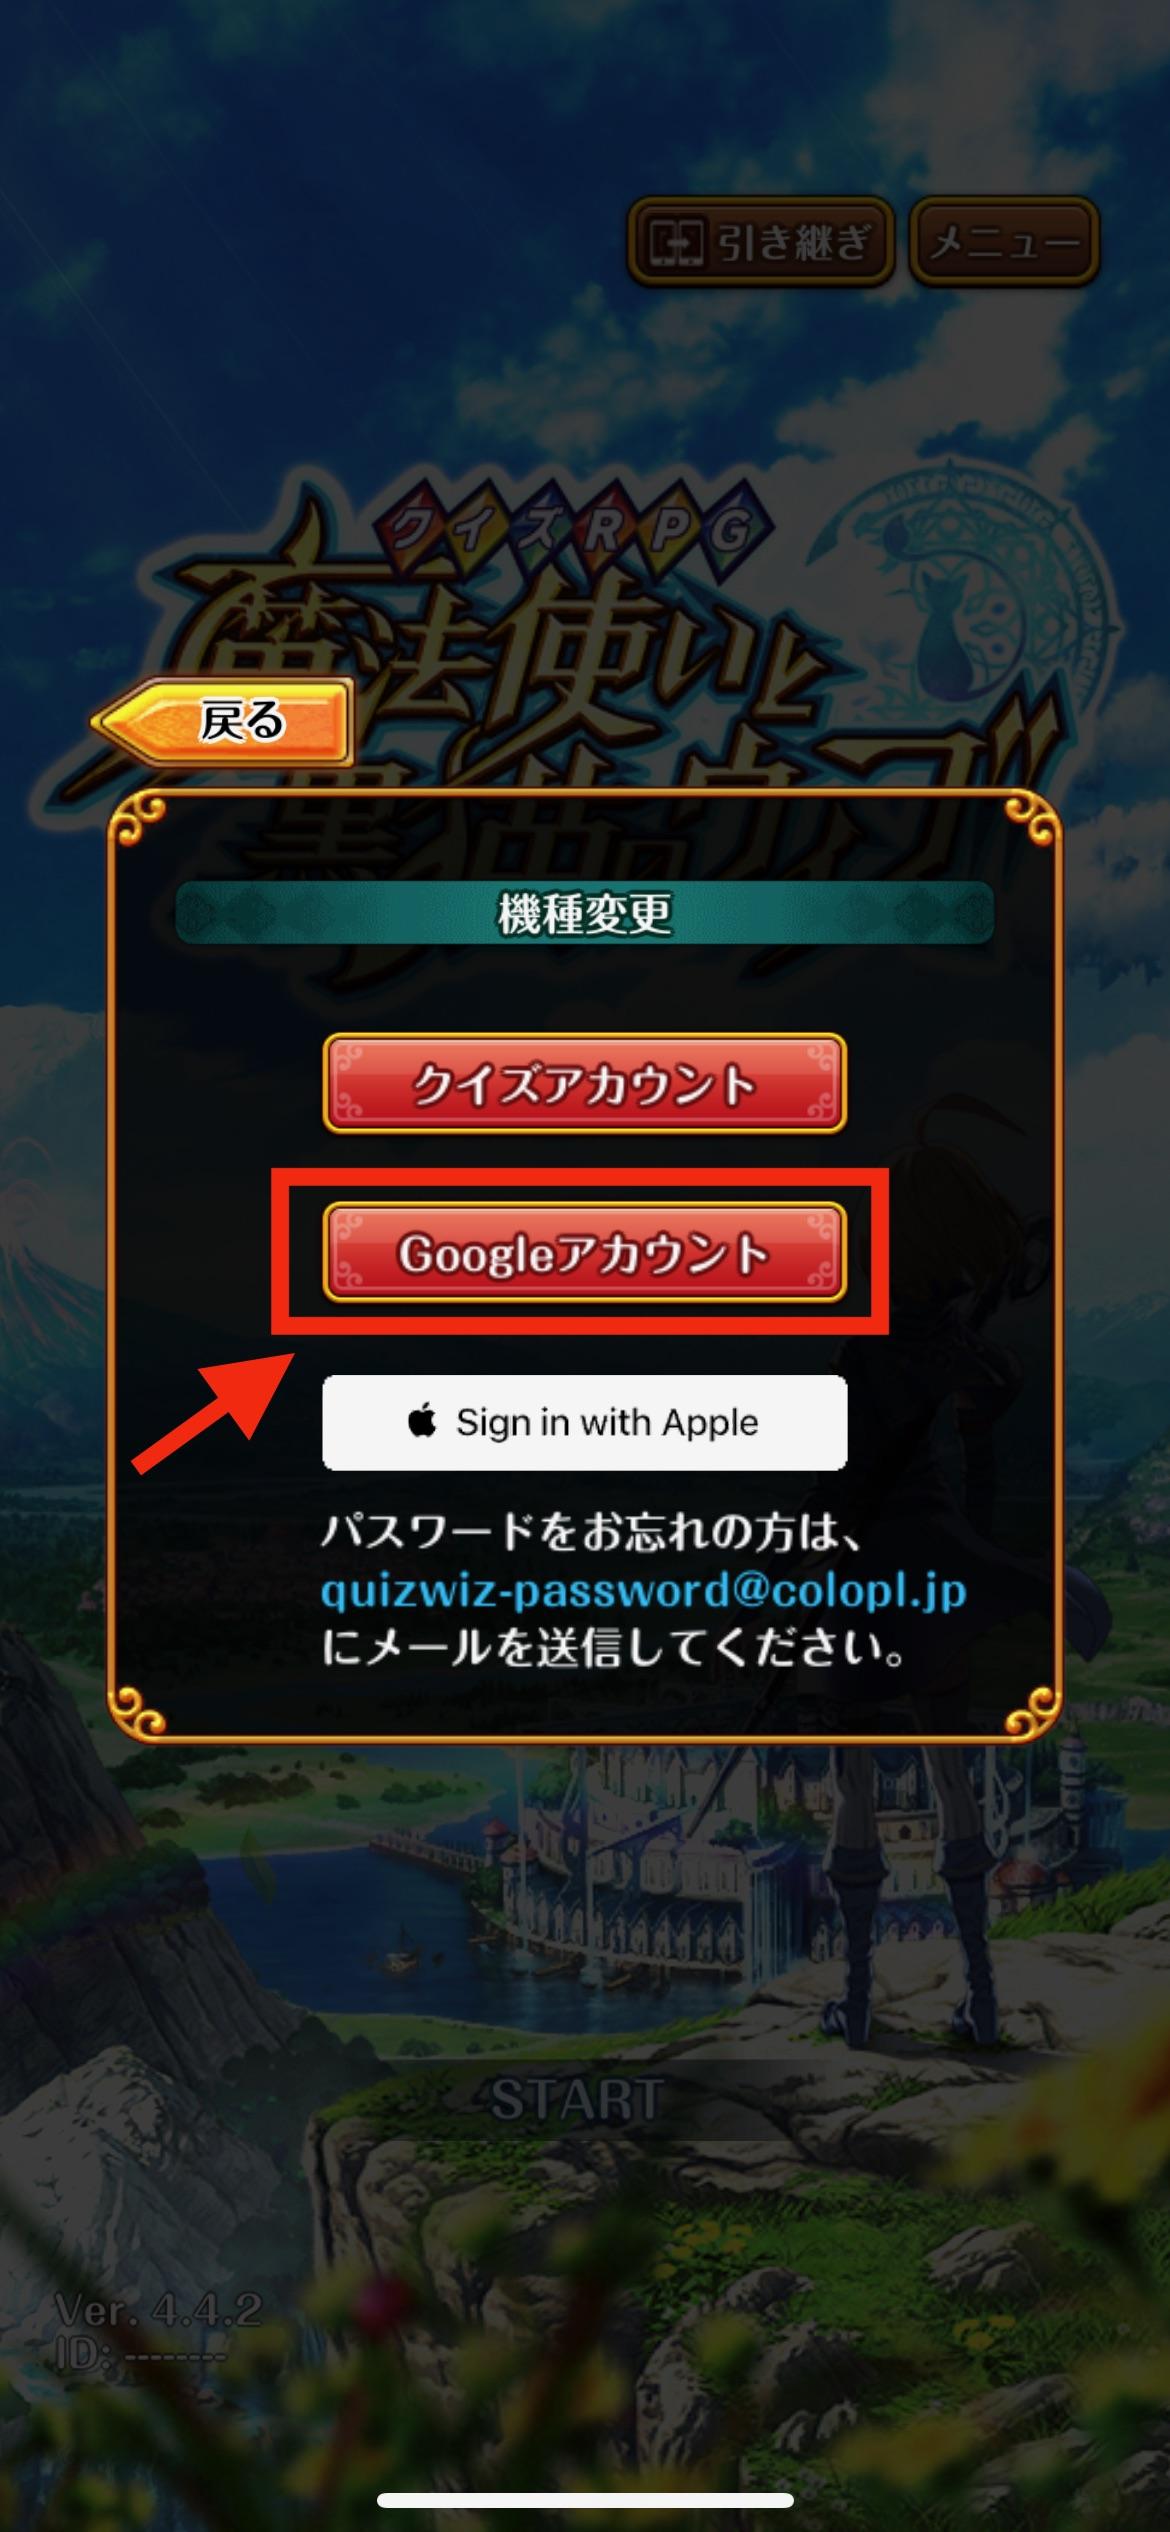 機種変更画面で「Googleアカウント」ボタンを押す